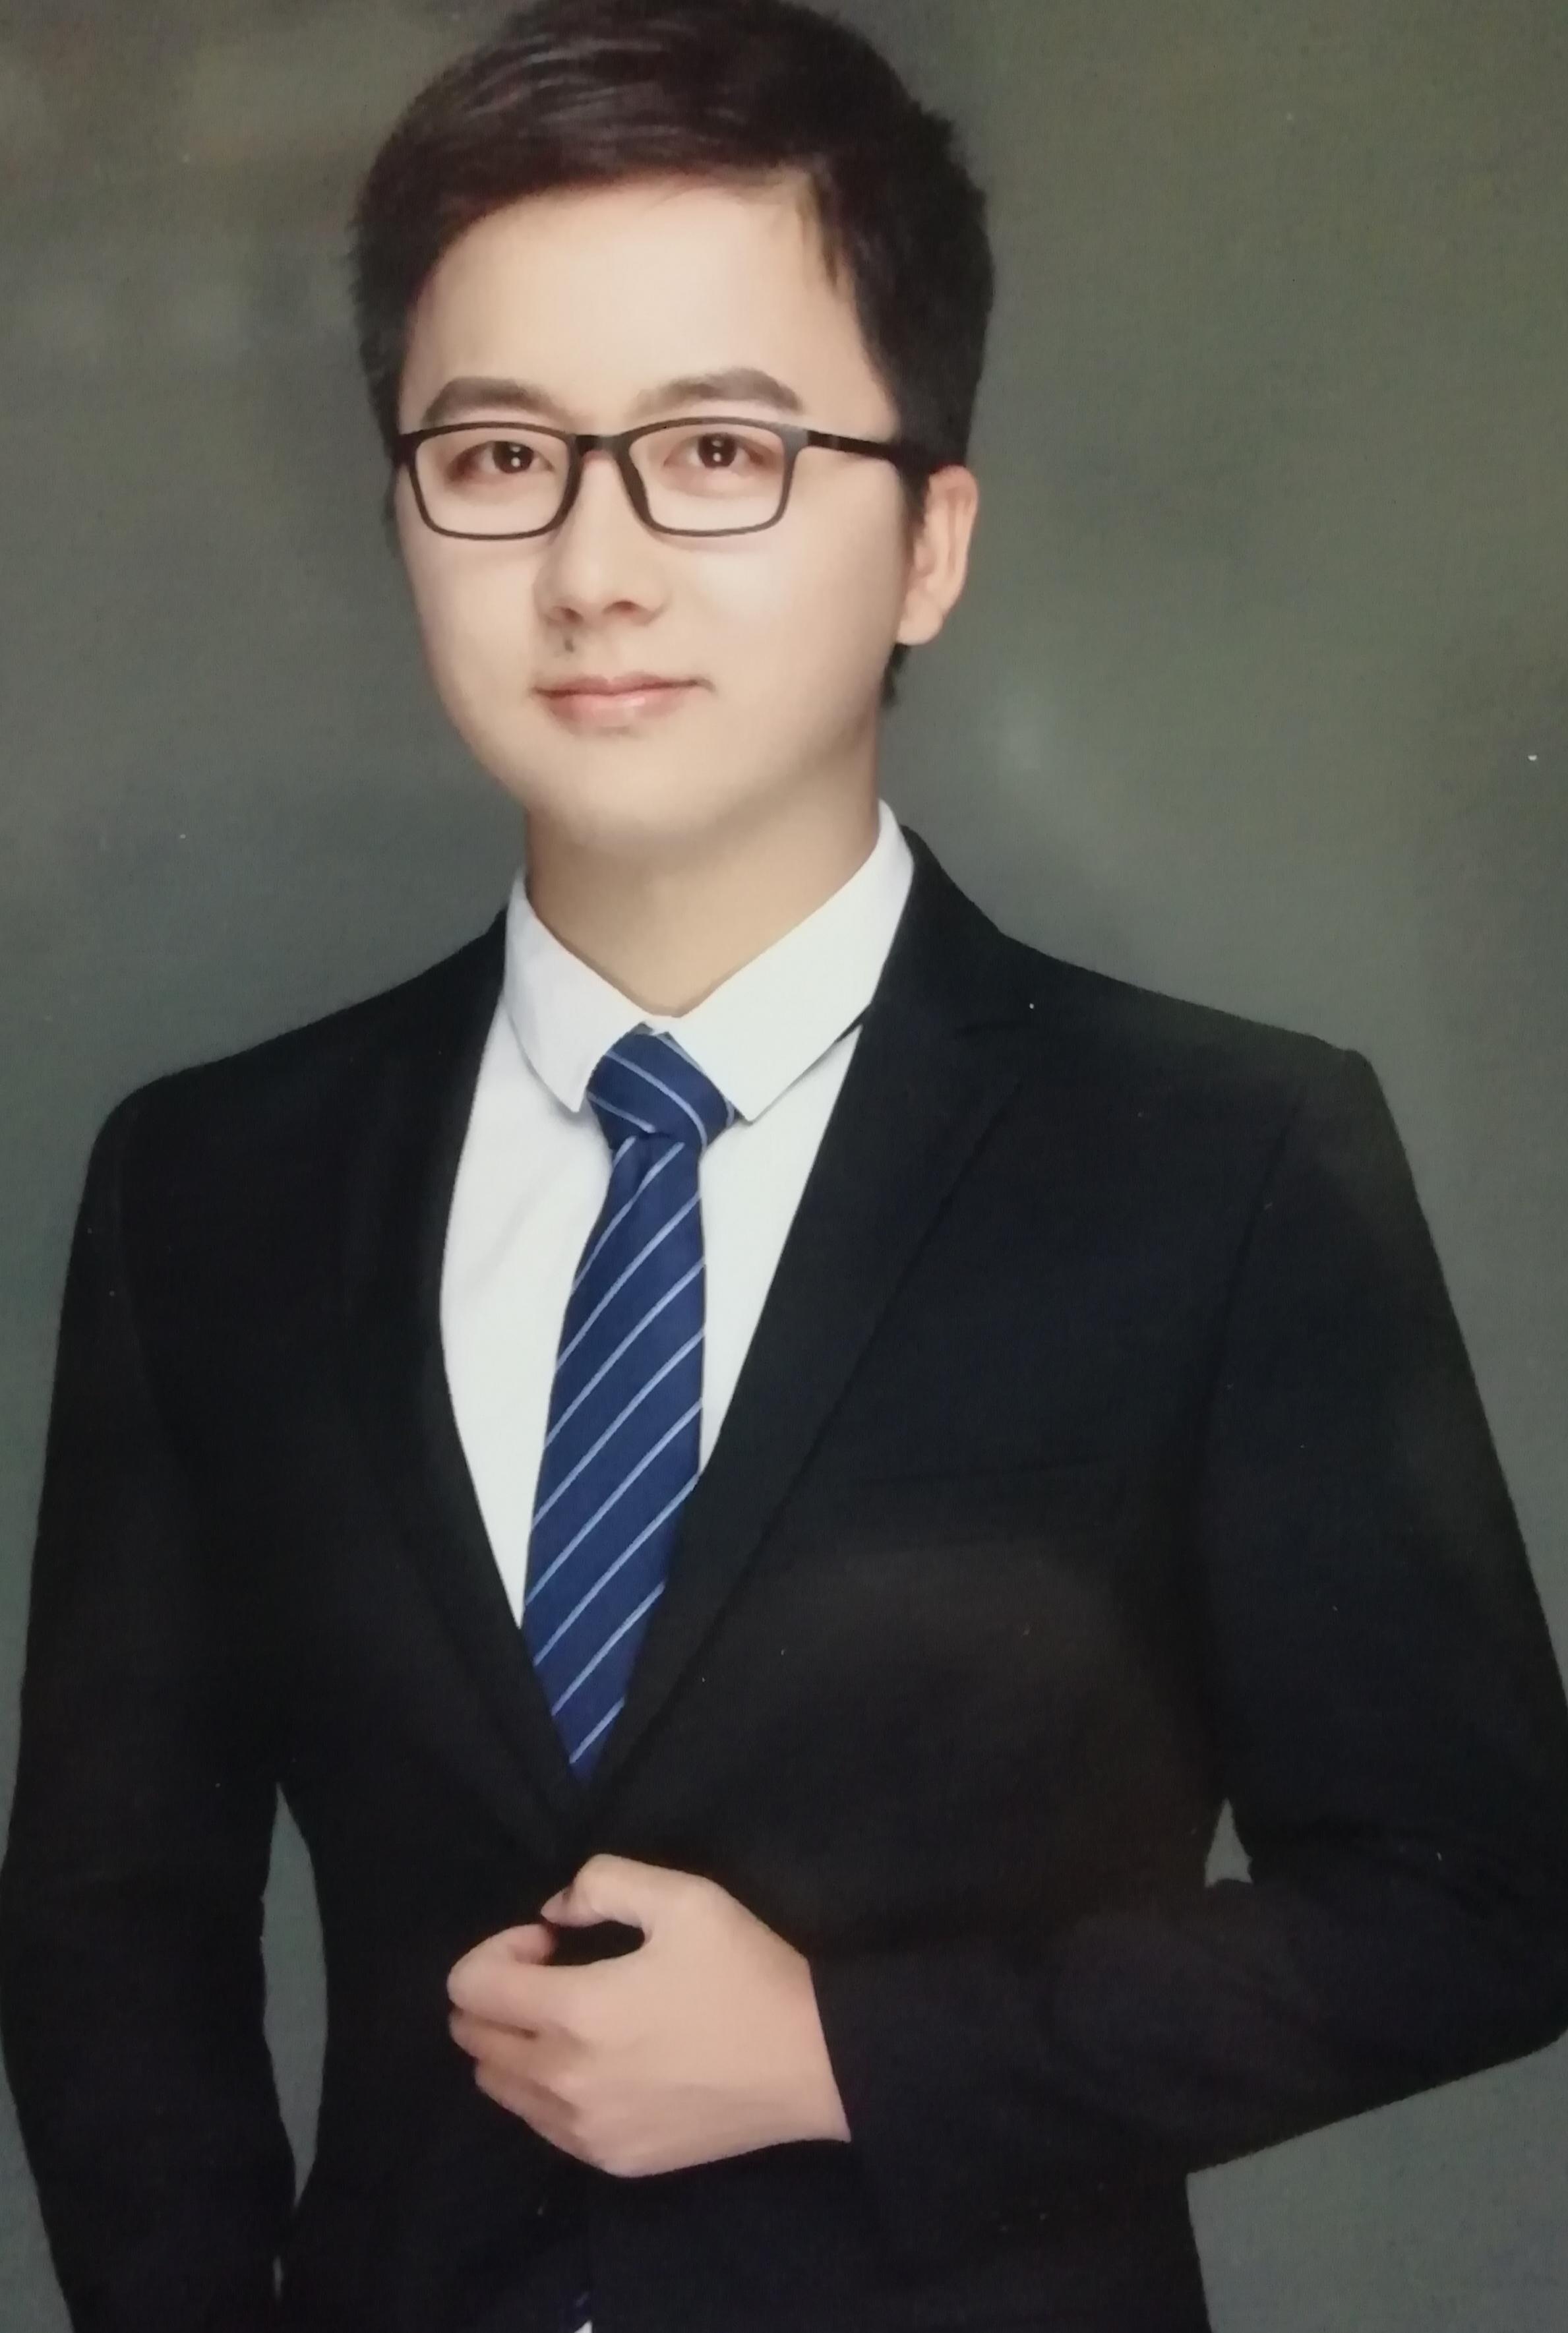 杭州家教姜教员